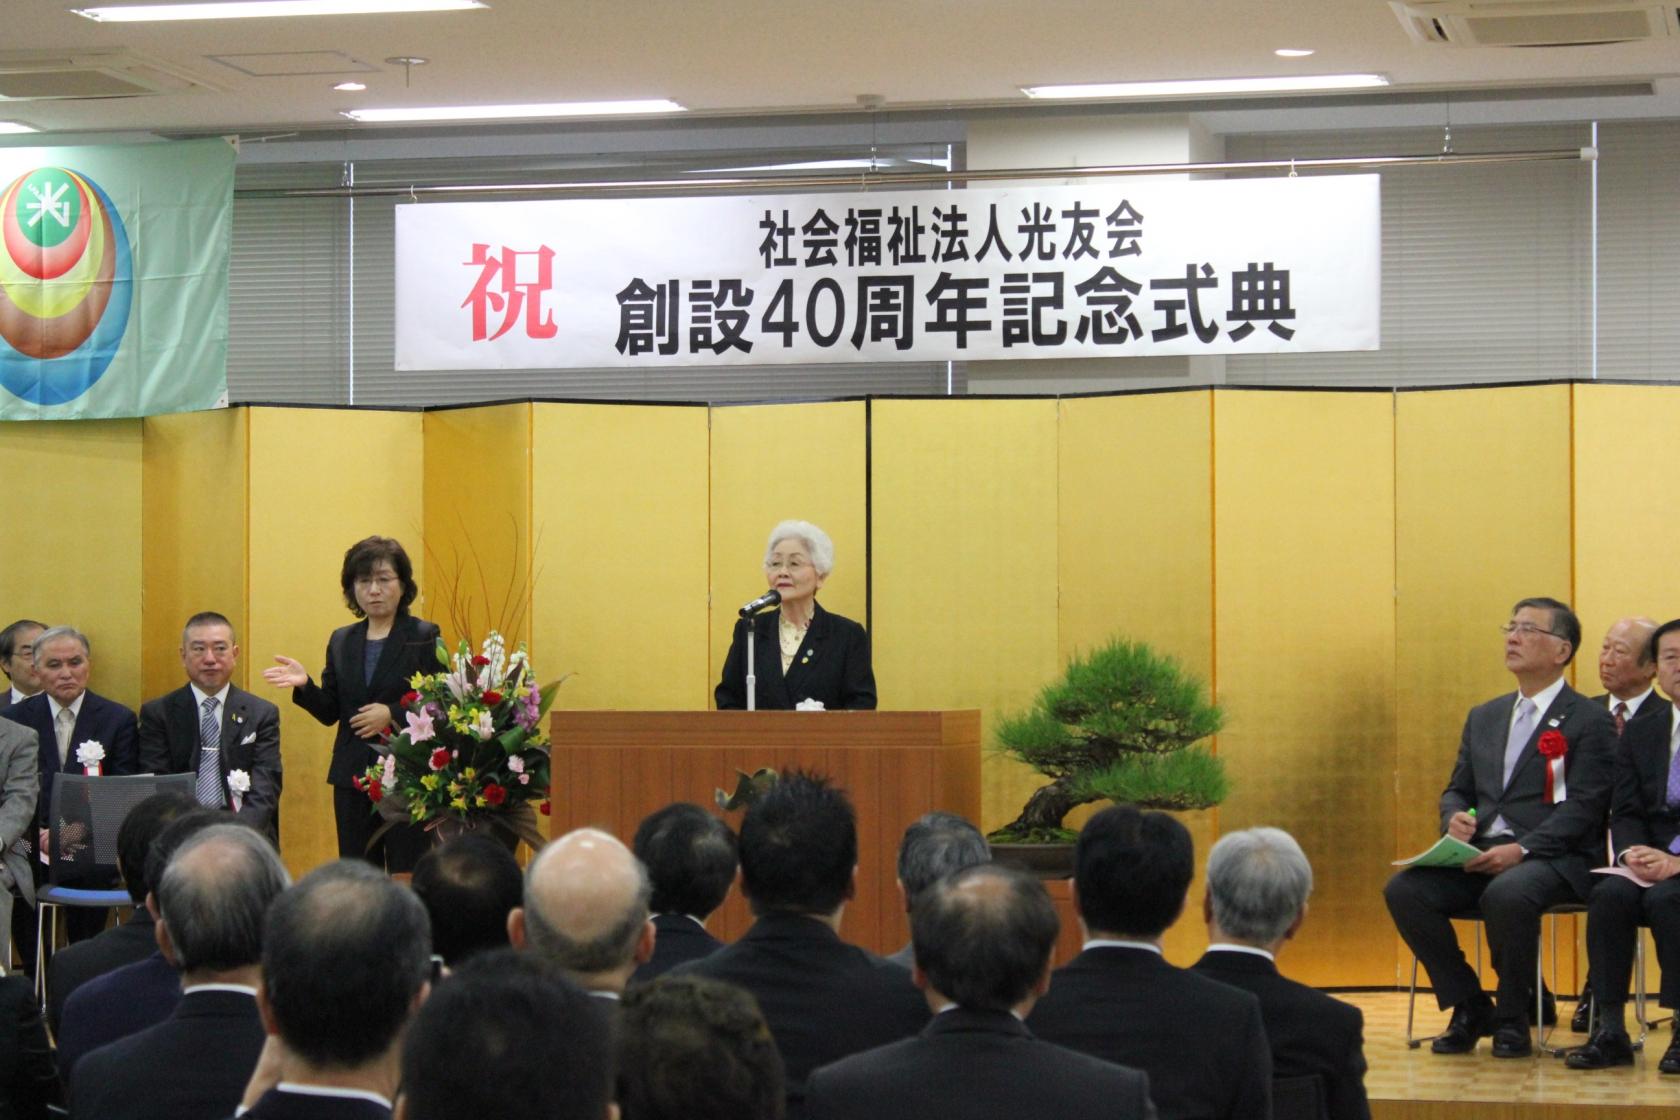 光友会創設40周年記念式典を開催しました。